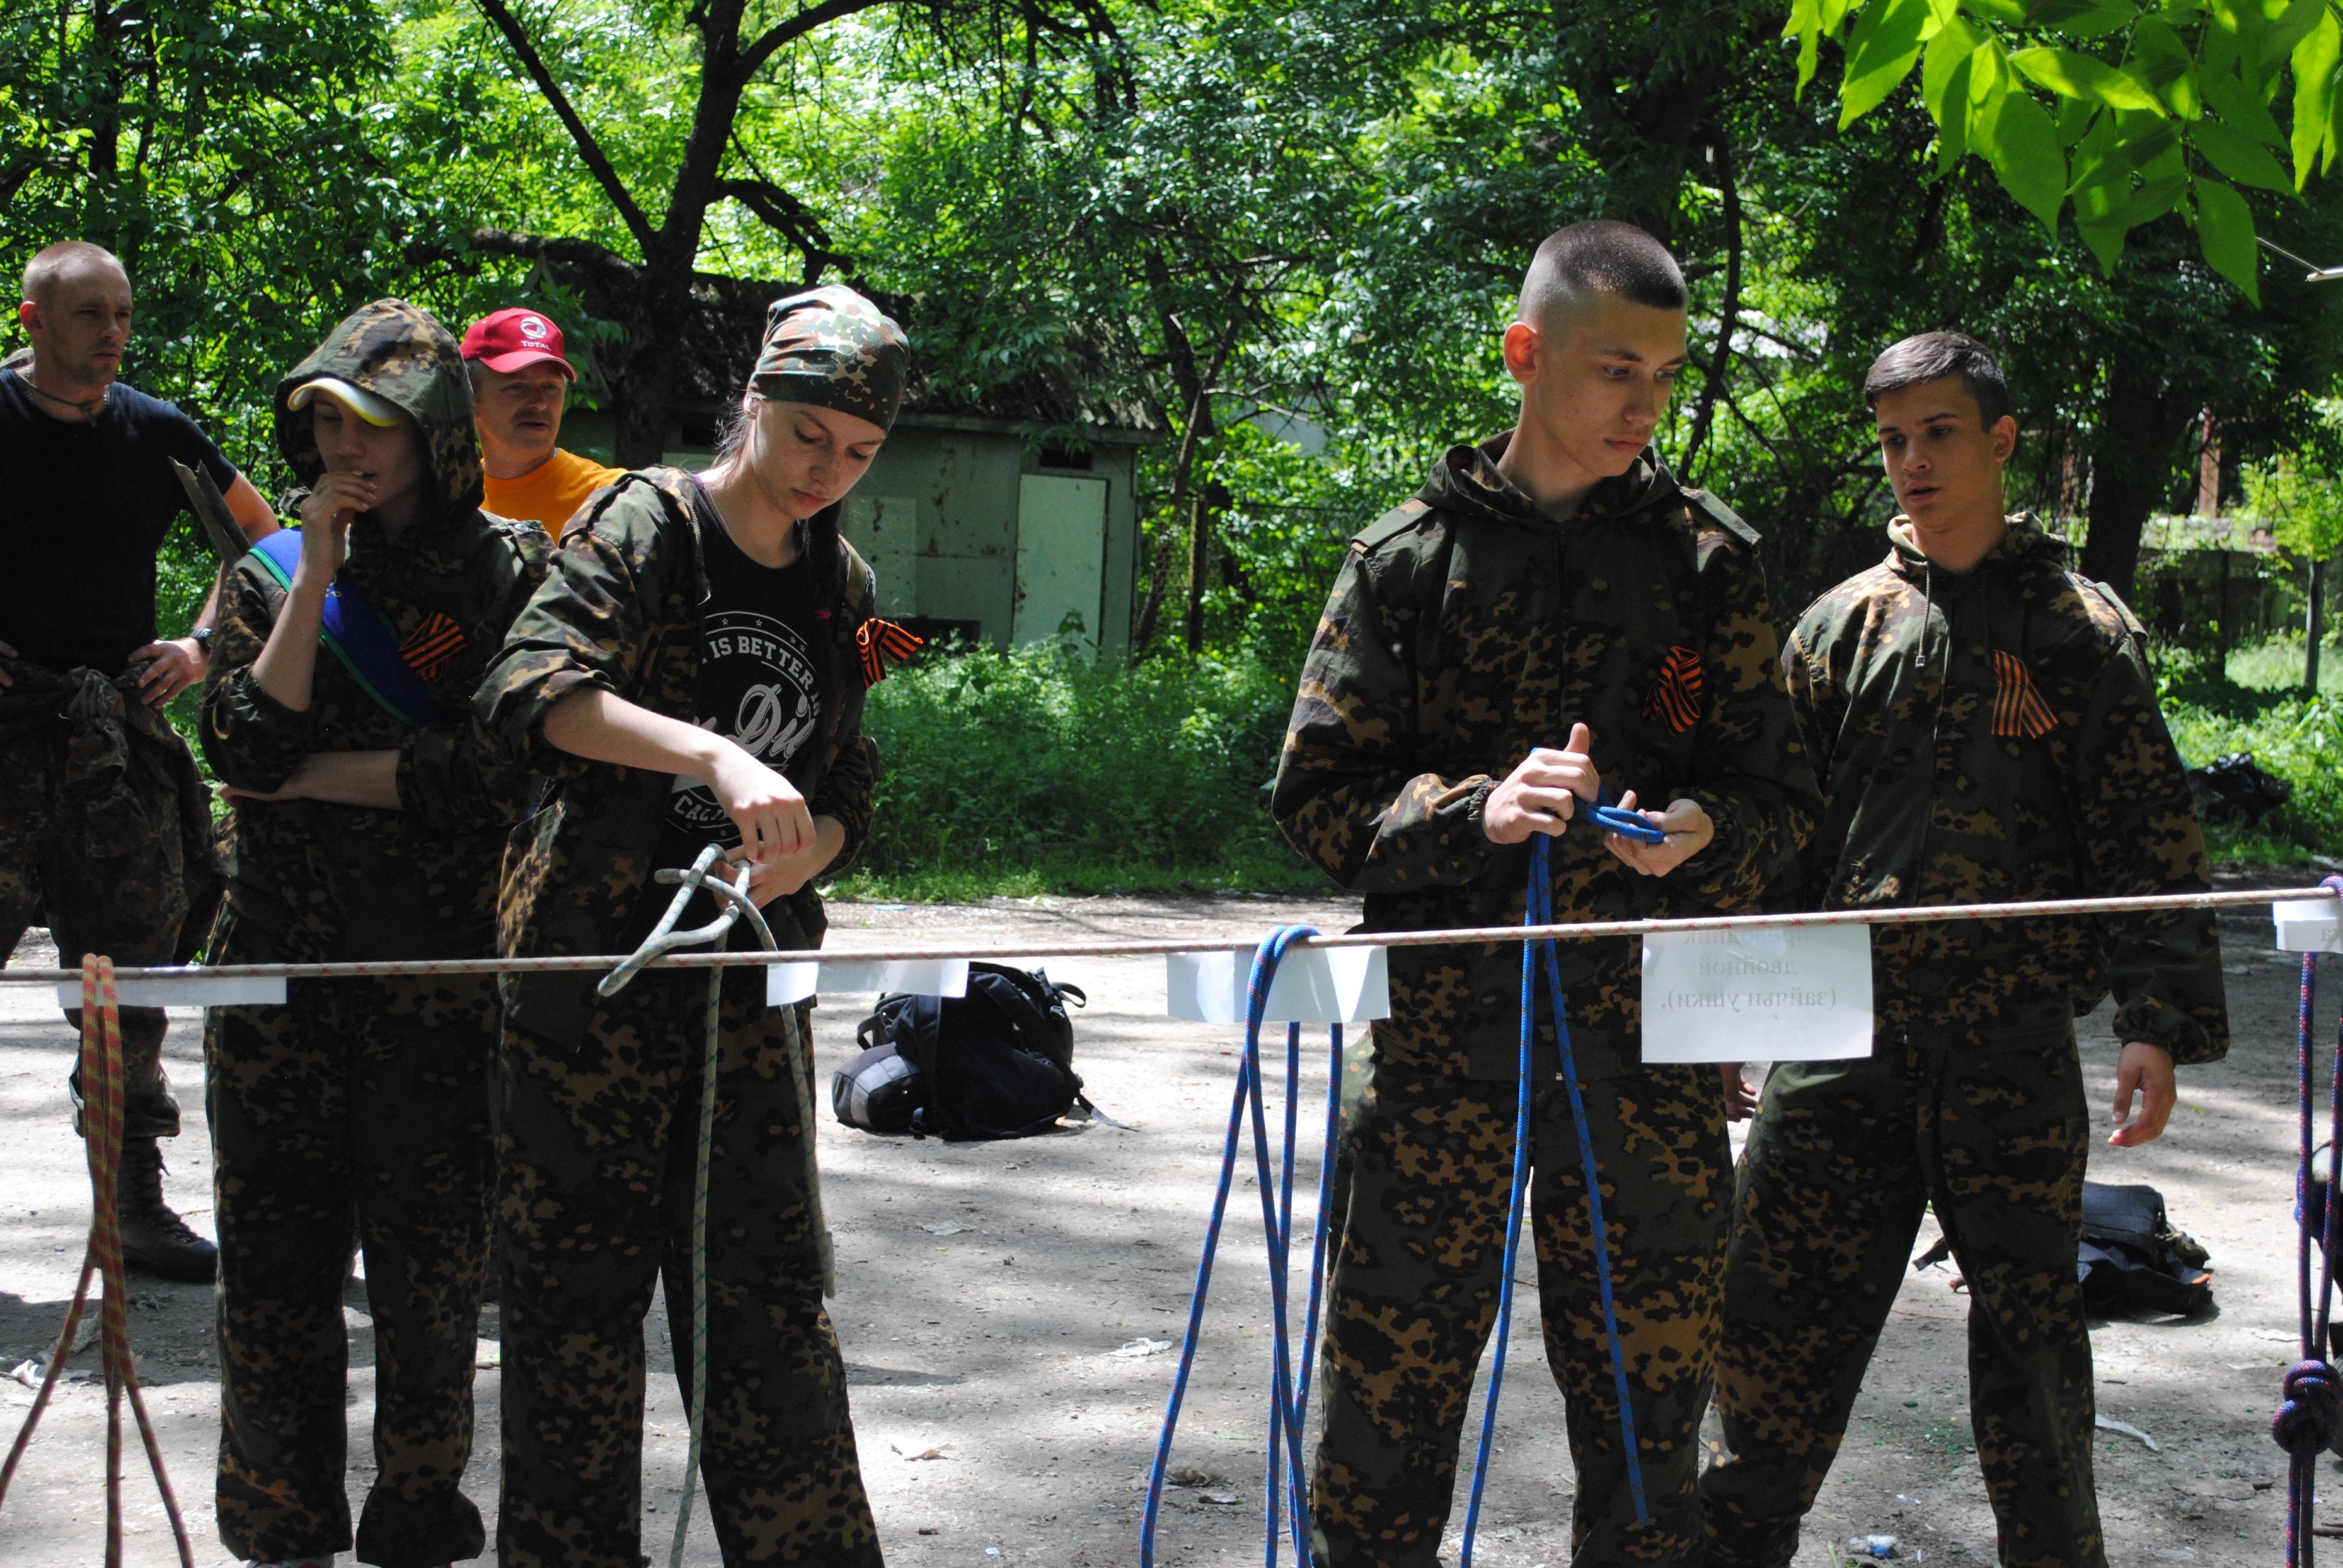 Военно-патриотический клуб вертикаль в крыму фото югару